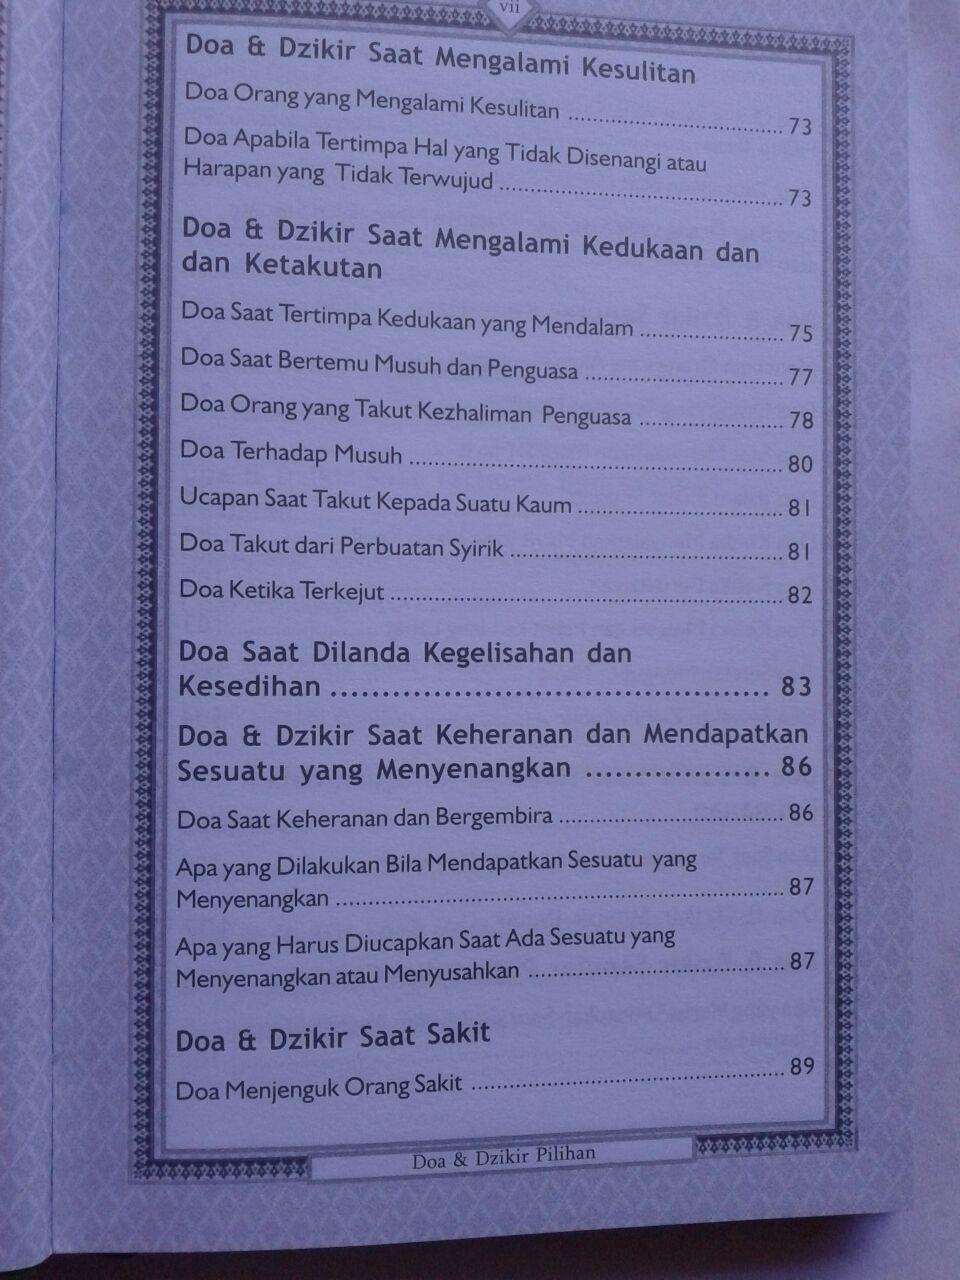 Buku Hisnul Muslim Ensiklopedi Mini Doa & Dzikir Pilihan isi 4